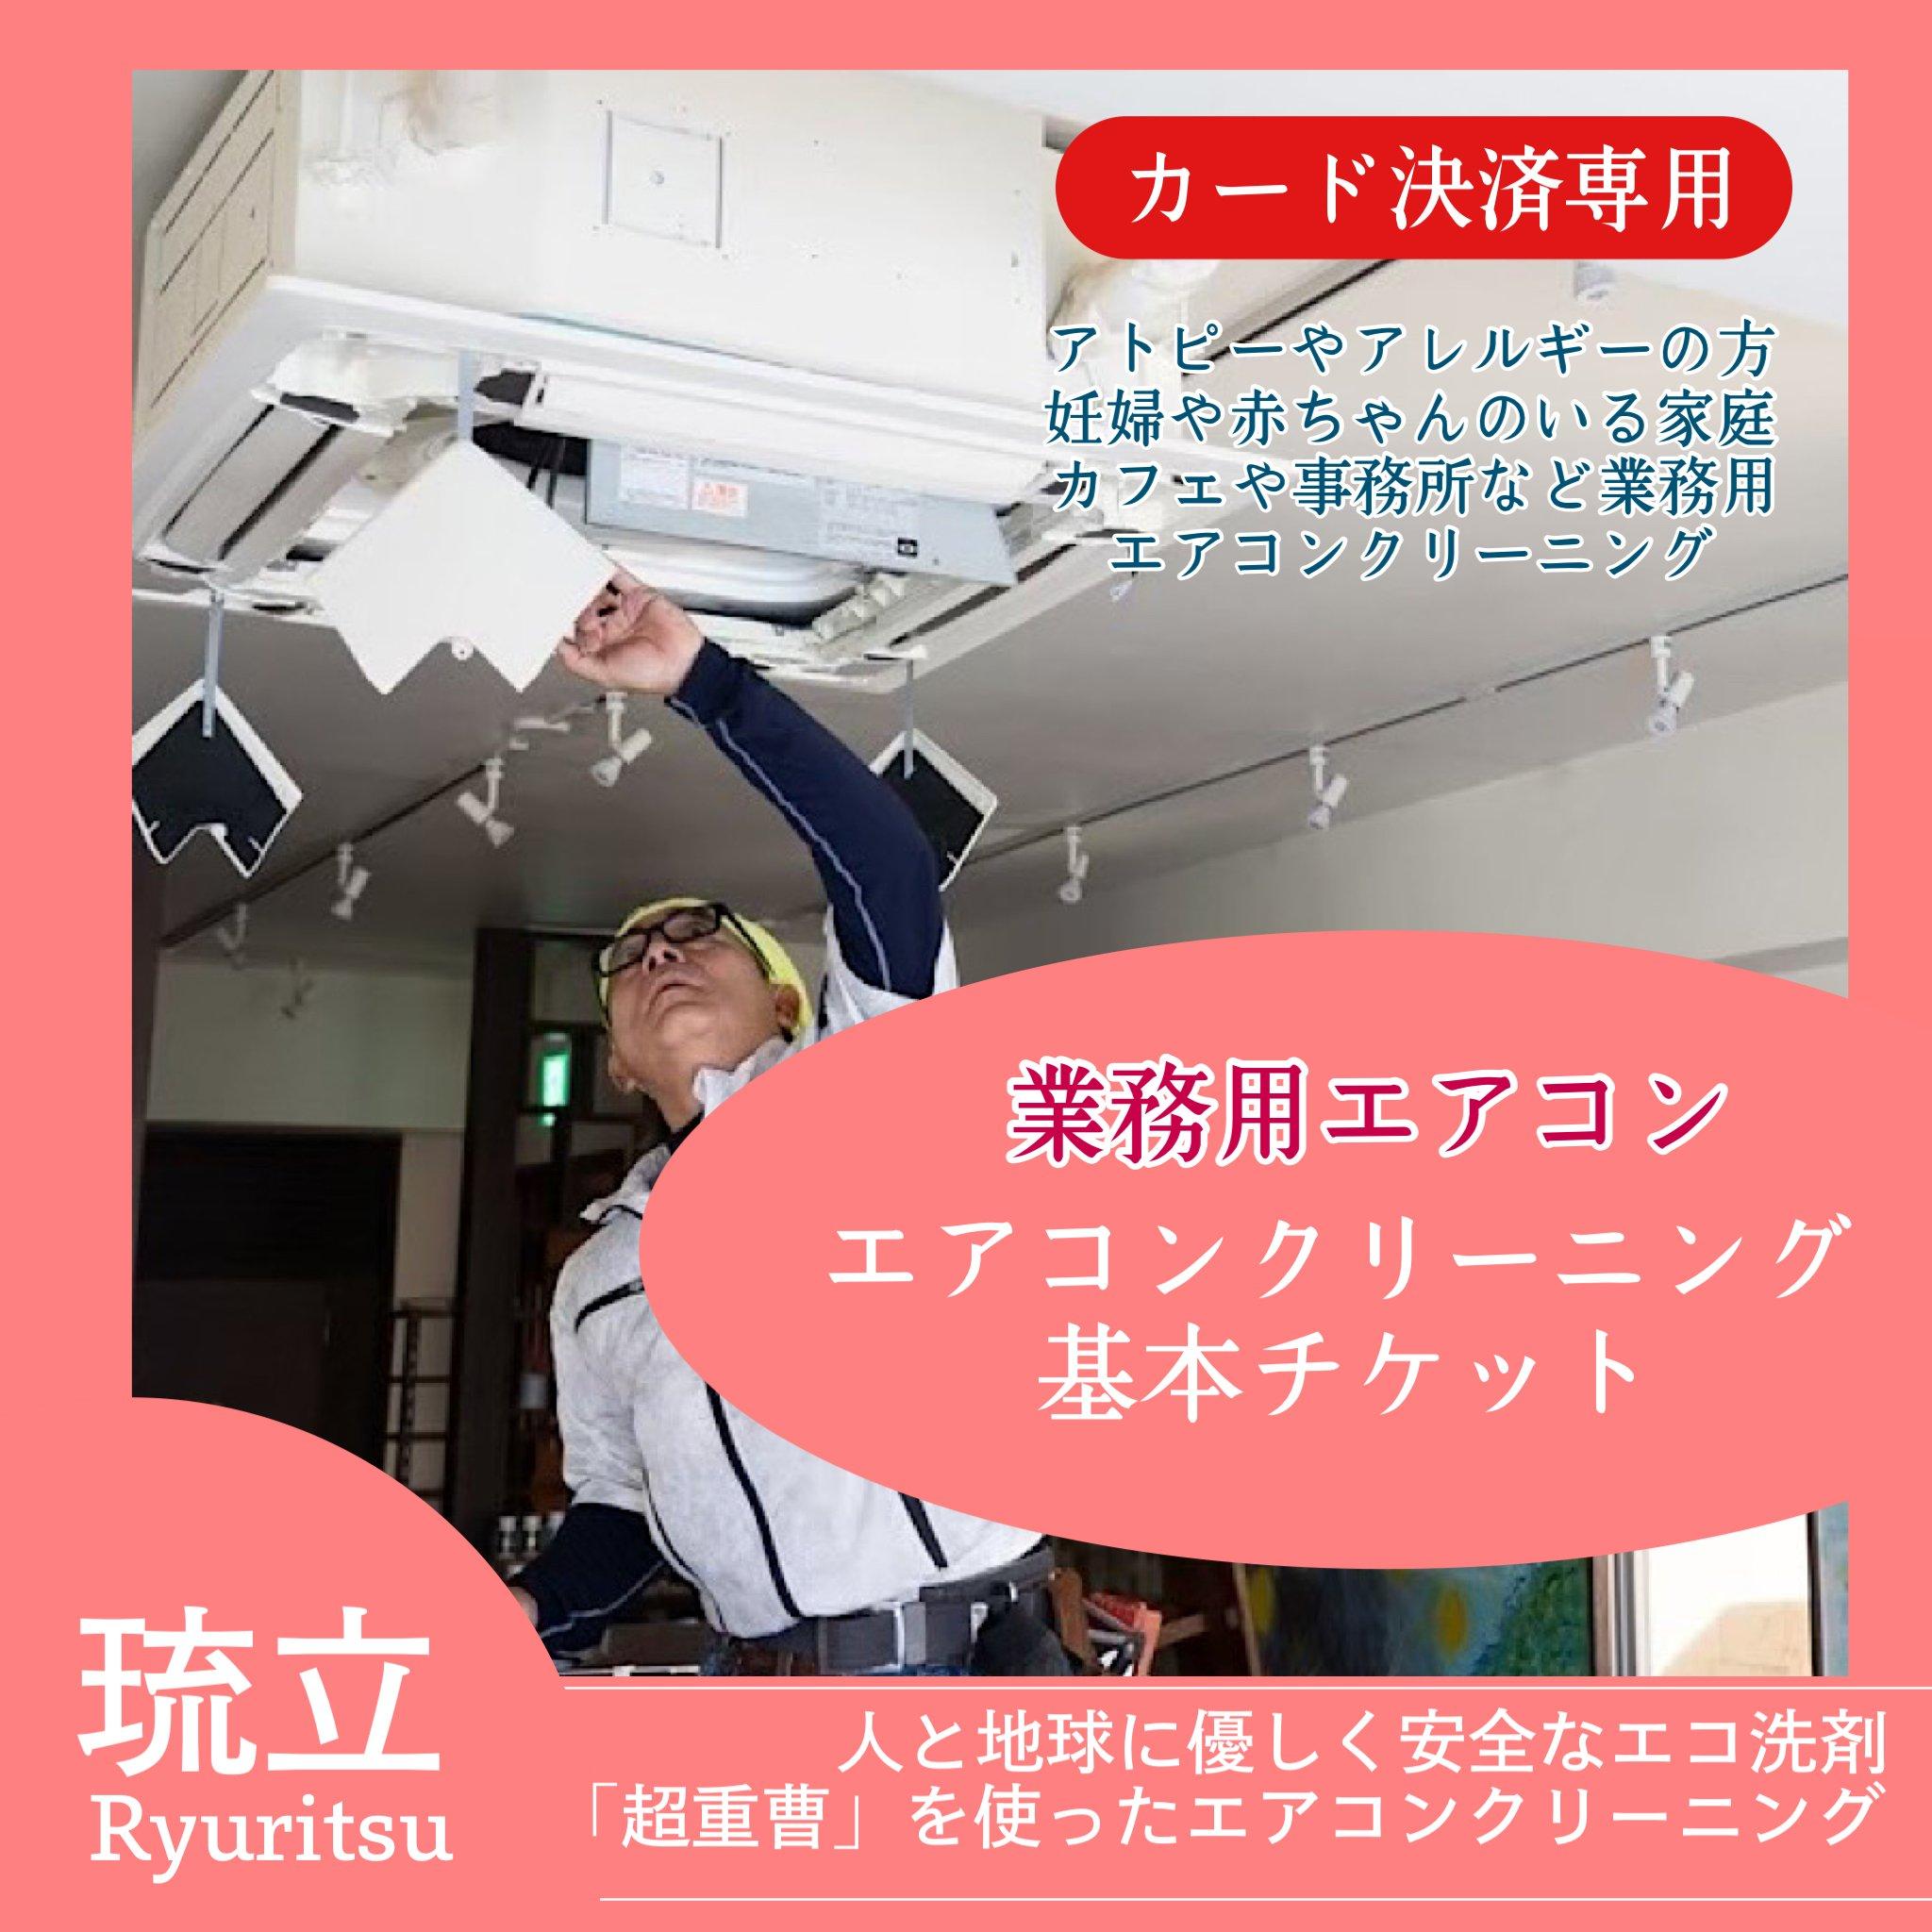 【業務用】エアコンクリーニング/高圧洗浄 ※カード決済専用9月末までのオープニングキャンペーンのイメージその1